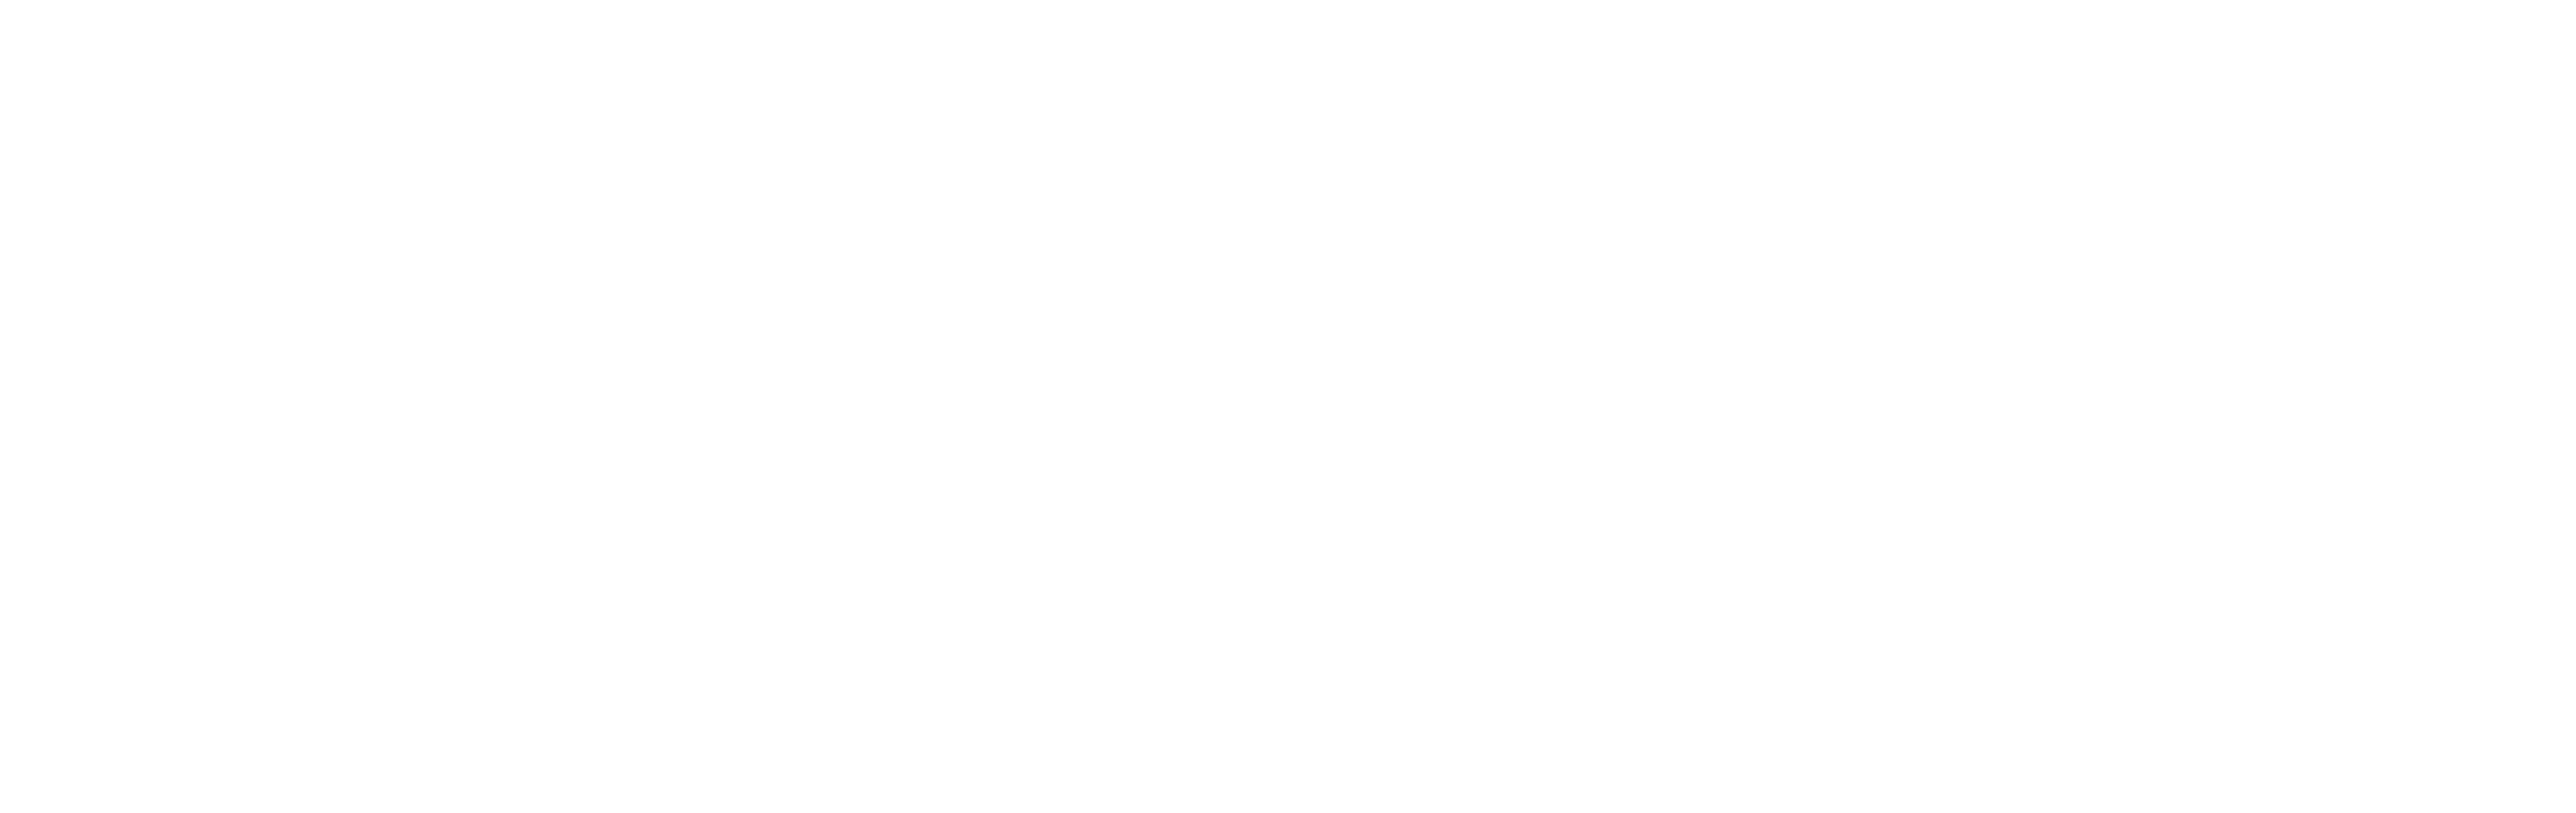 Filisa Express Logistic : Fret, Cargo, Livraison, Commande à la demande au Congo Brazzaville